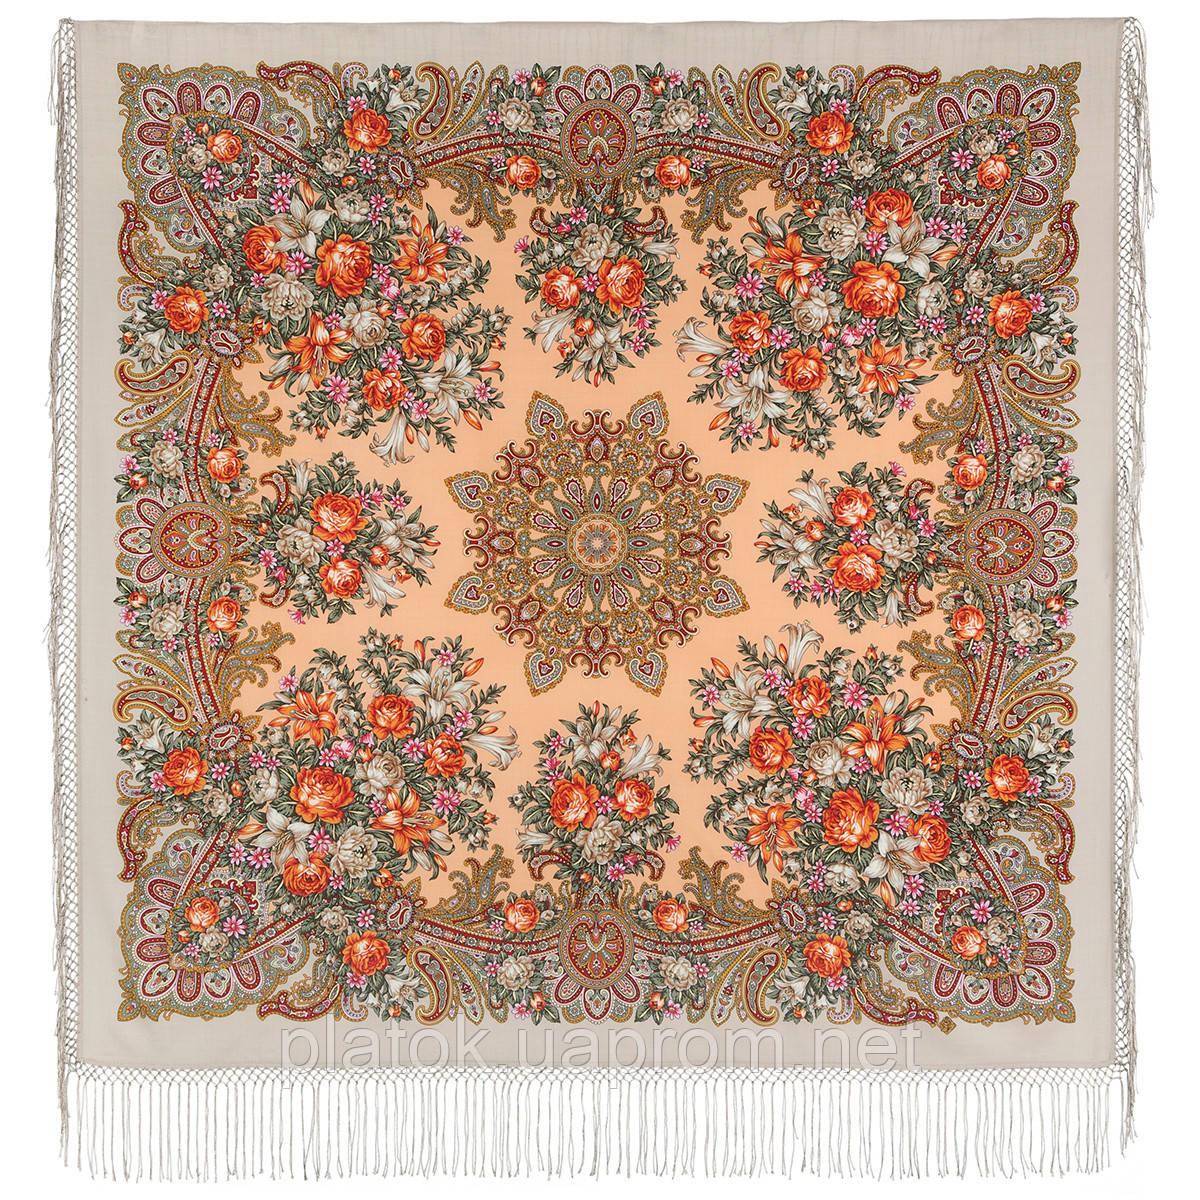 Донские зори 1801-2, павлопосадский платок шерстяной (двуниточная шерсть) с шелковой вязаной бахромой